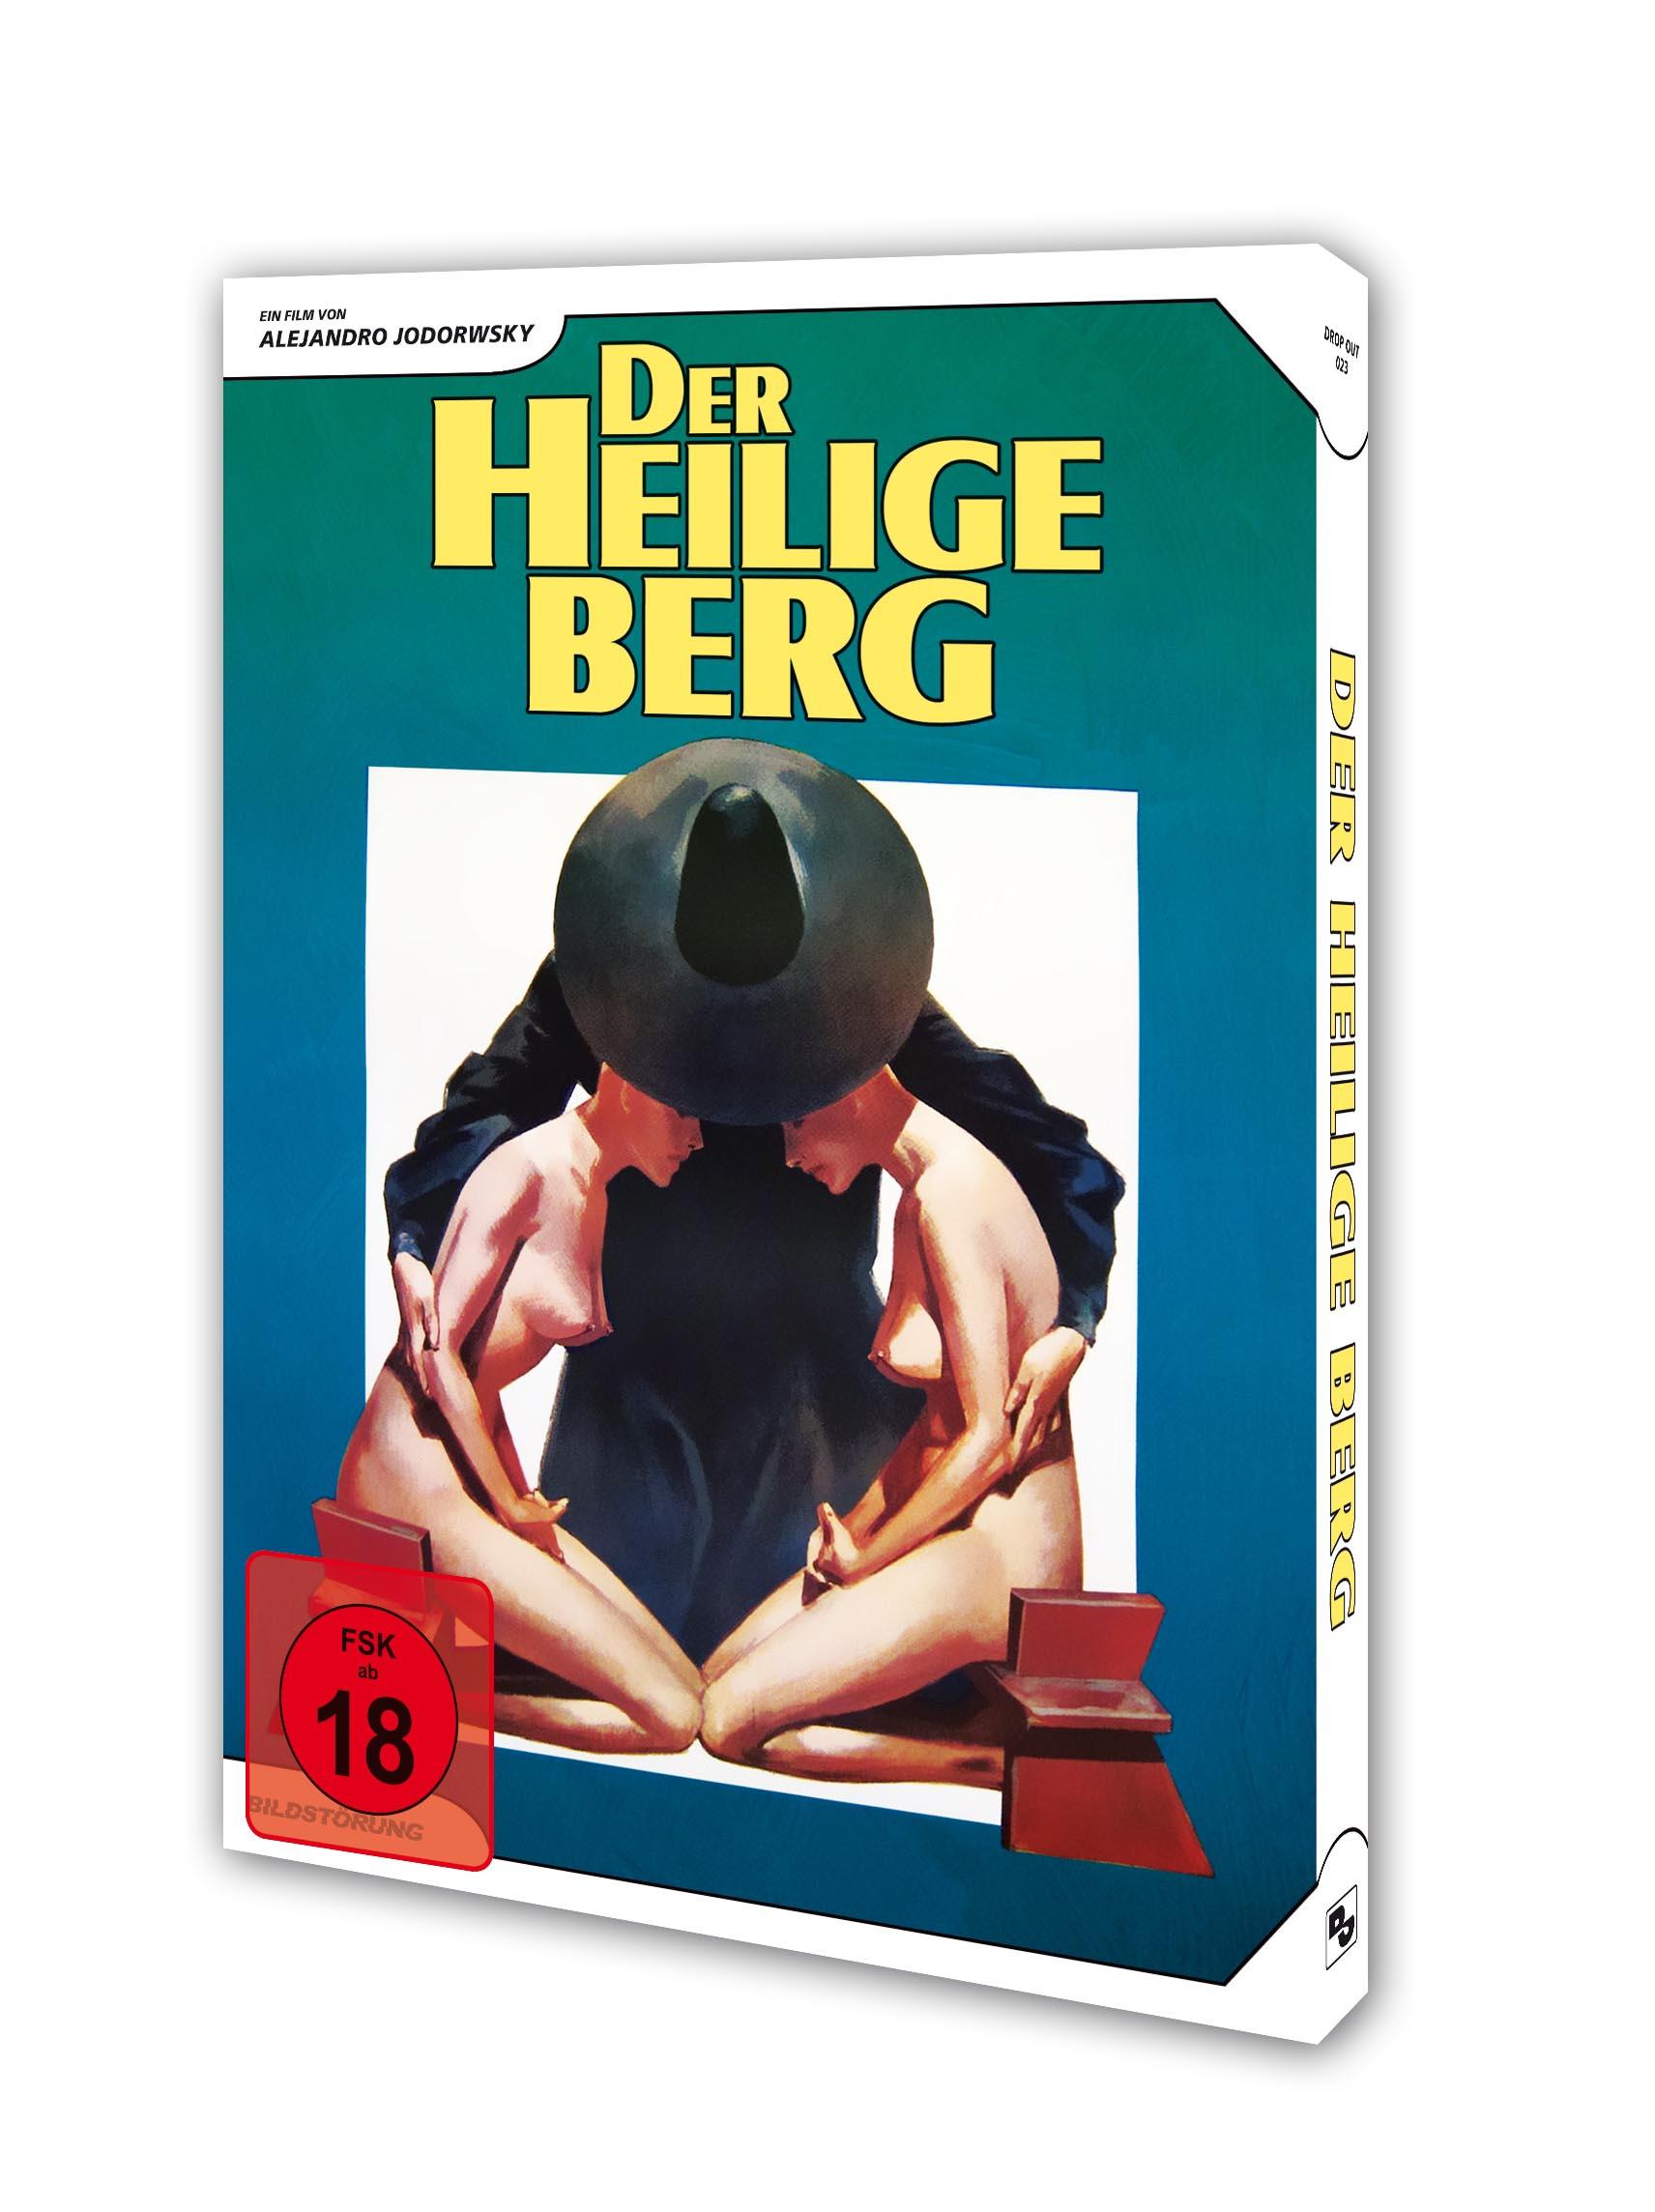 DER HEILIGE BERG DVD Packshot